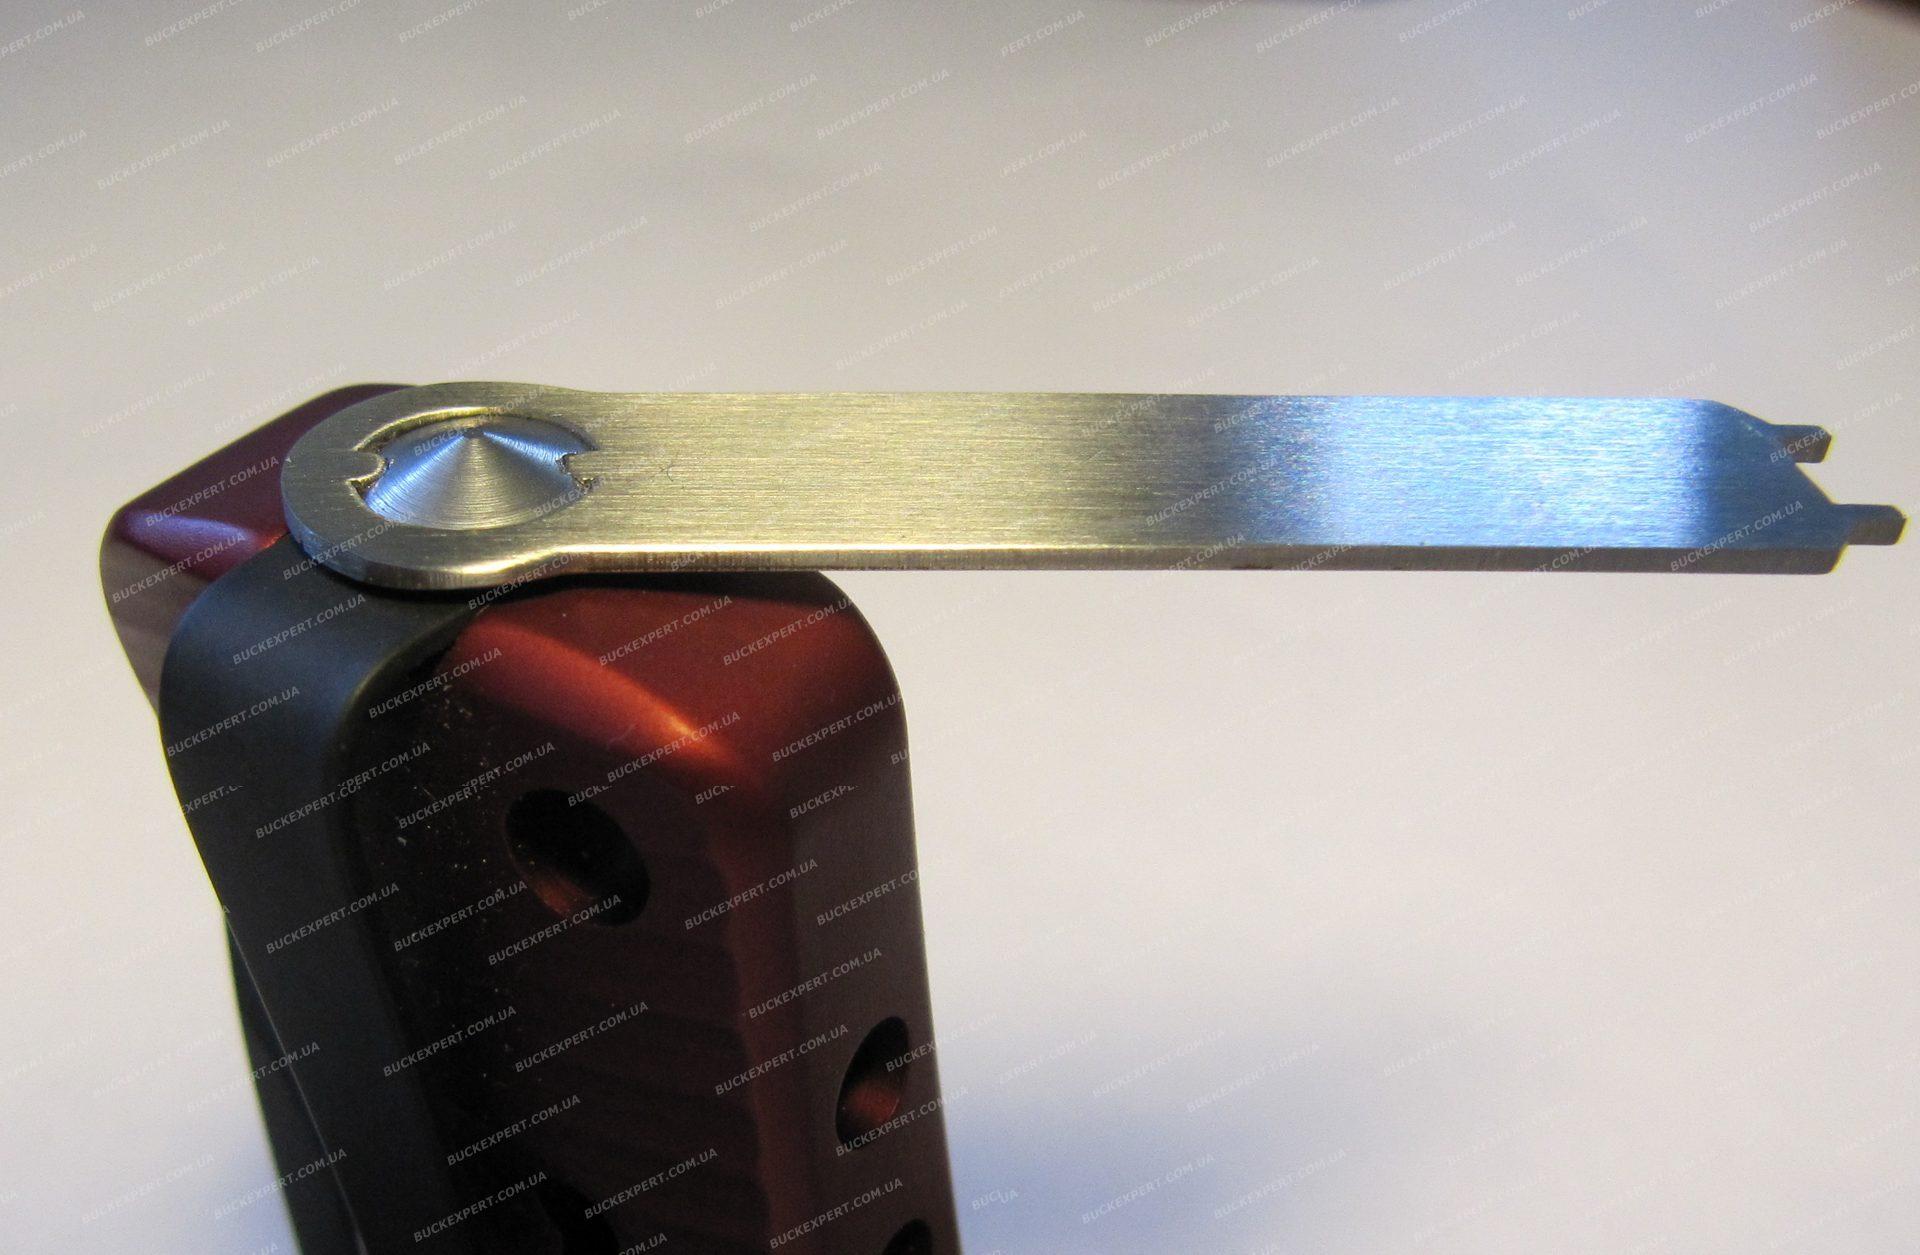 Нож LionSteel серии SR2 Aluminum лезвие 78 мм в деревянной коробке